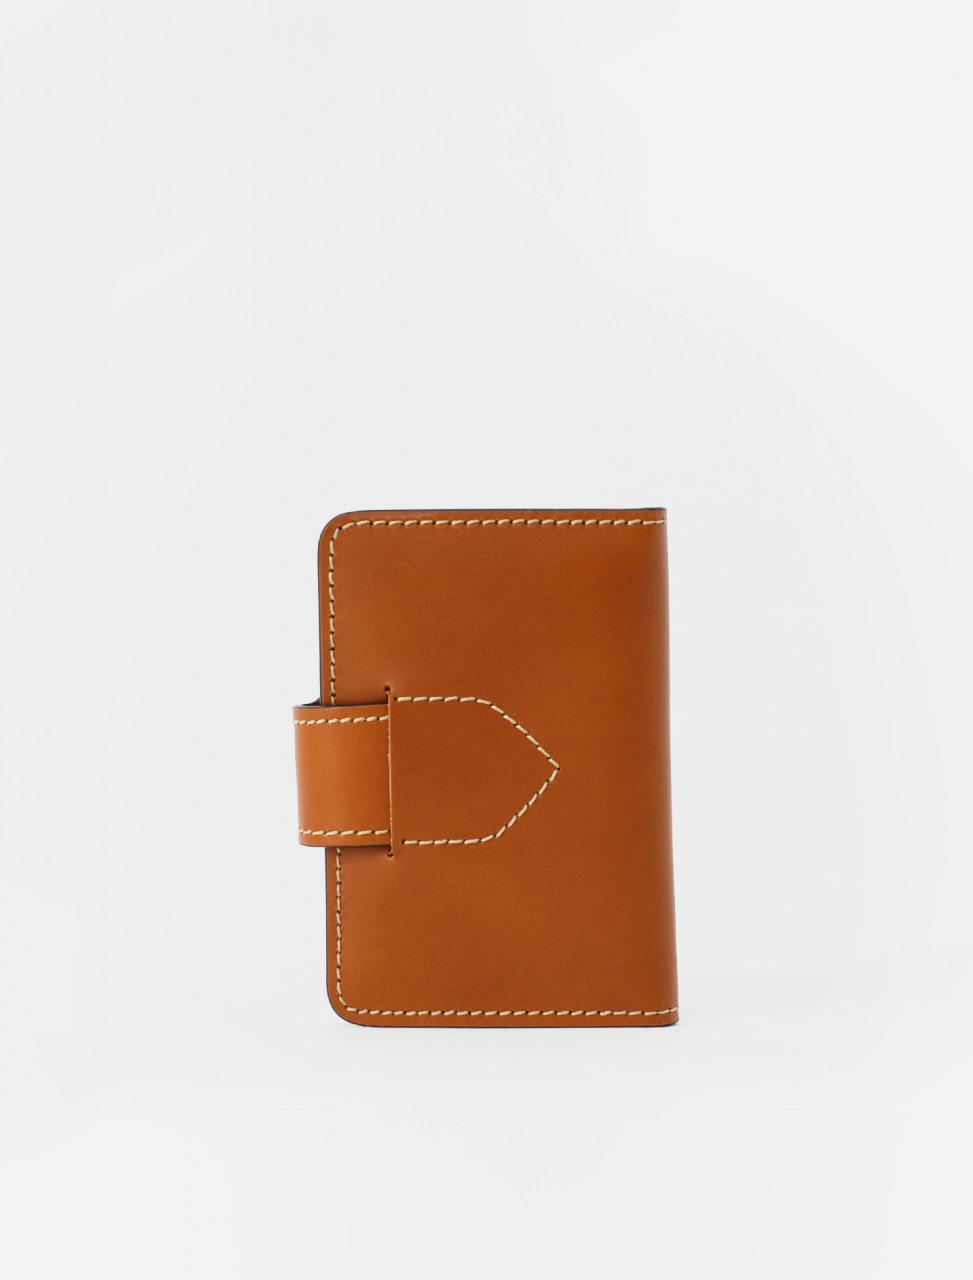 Bi-Fold Card Holder in Cuoio